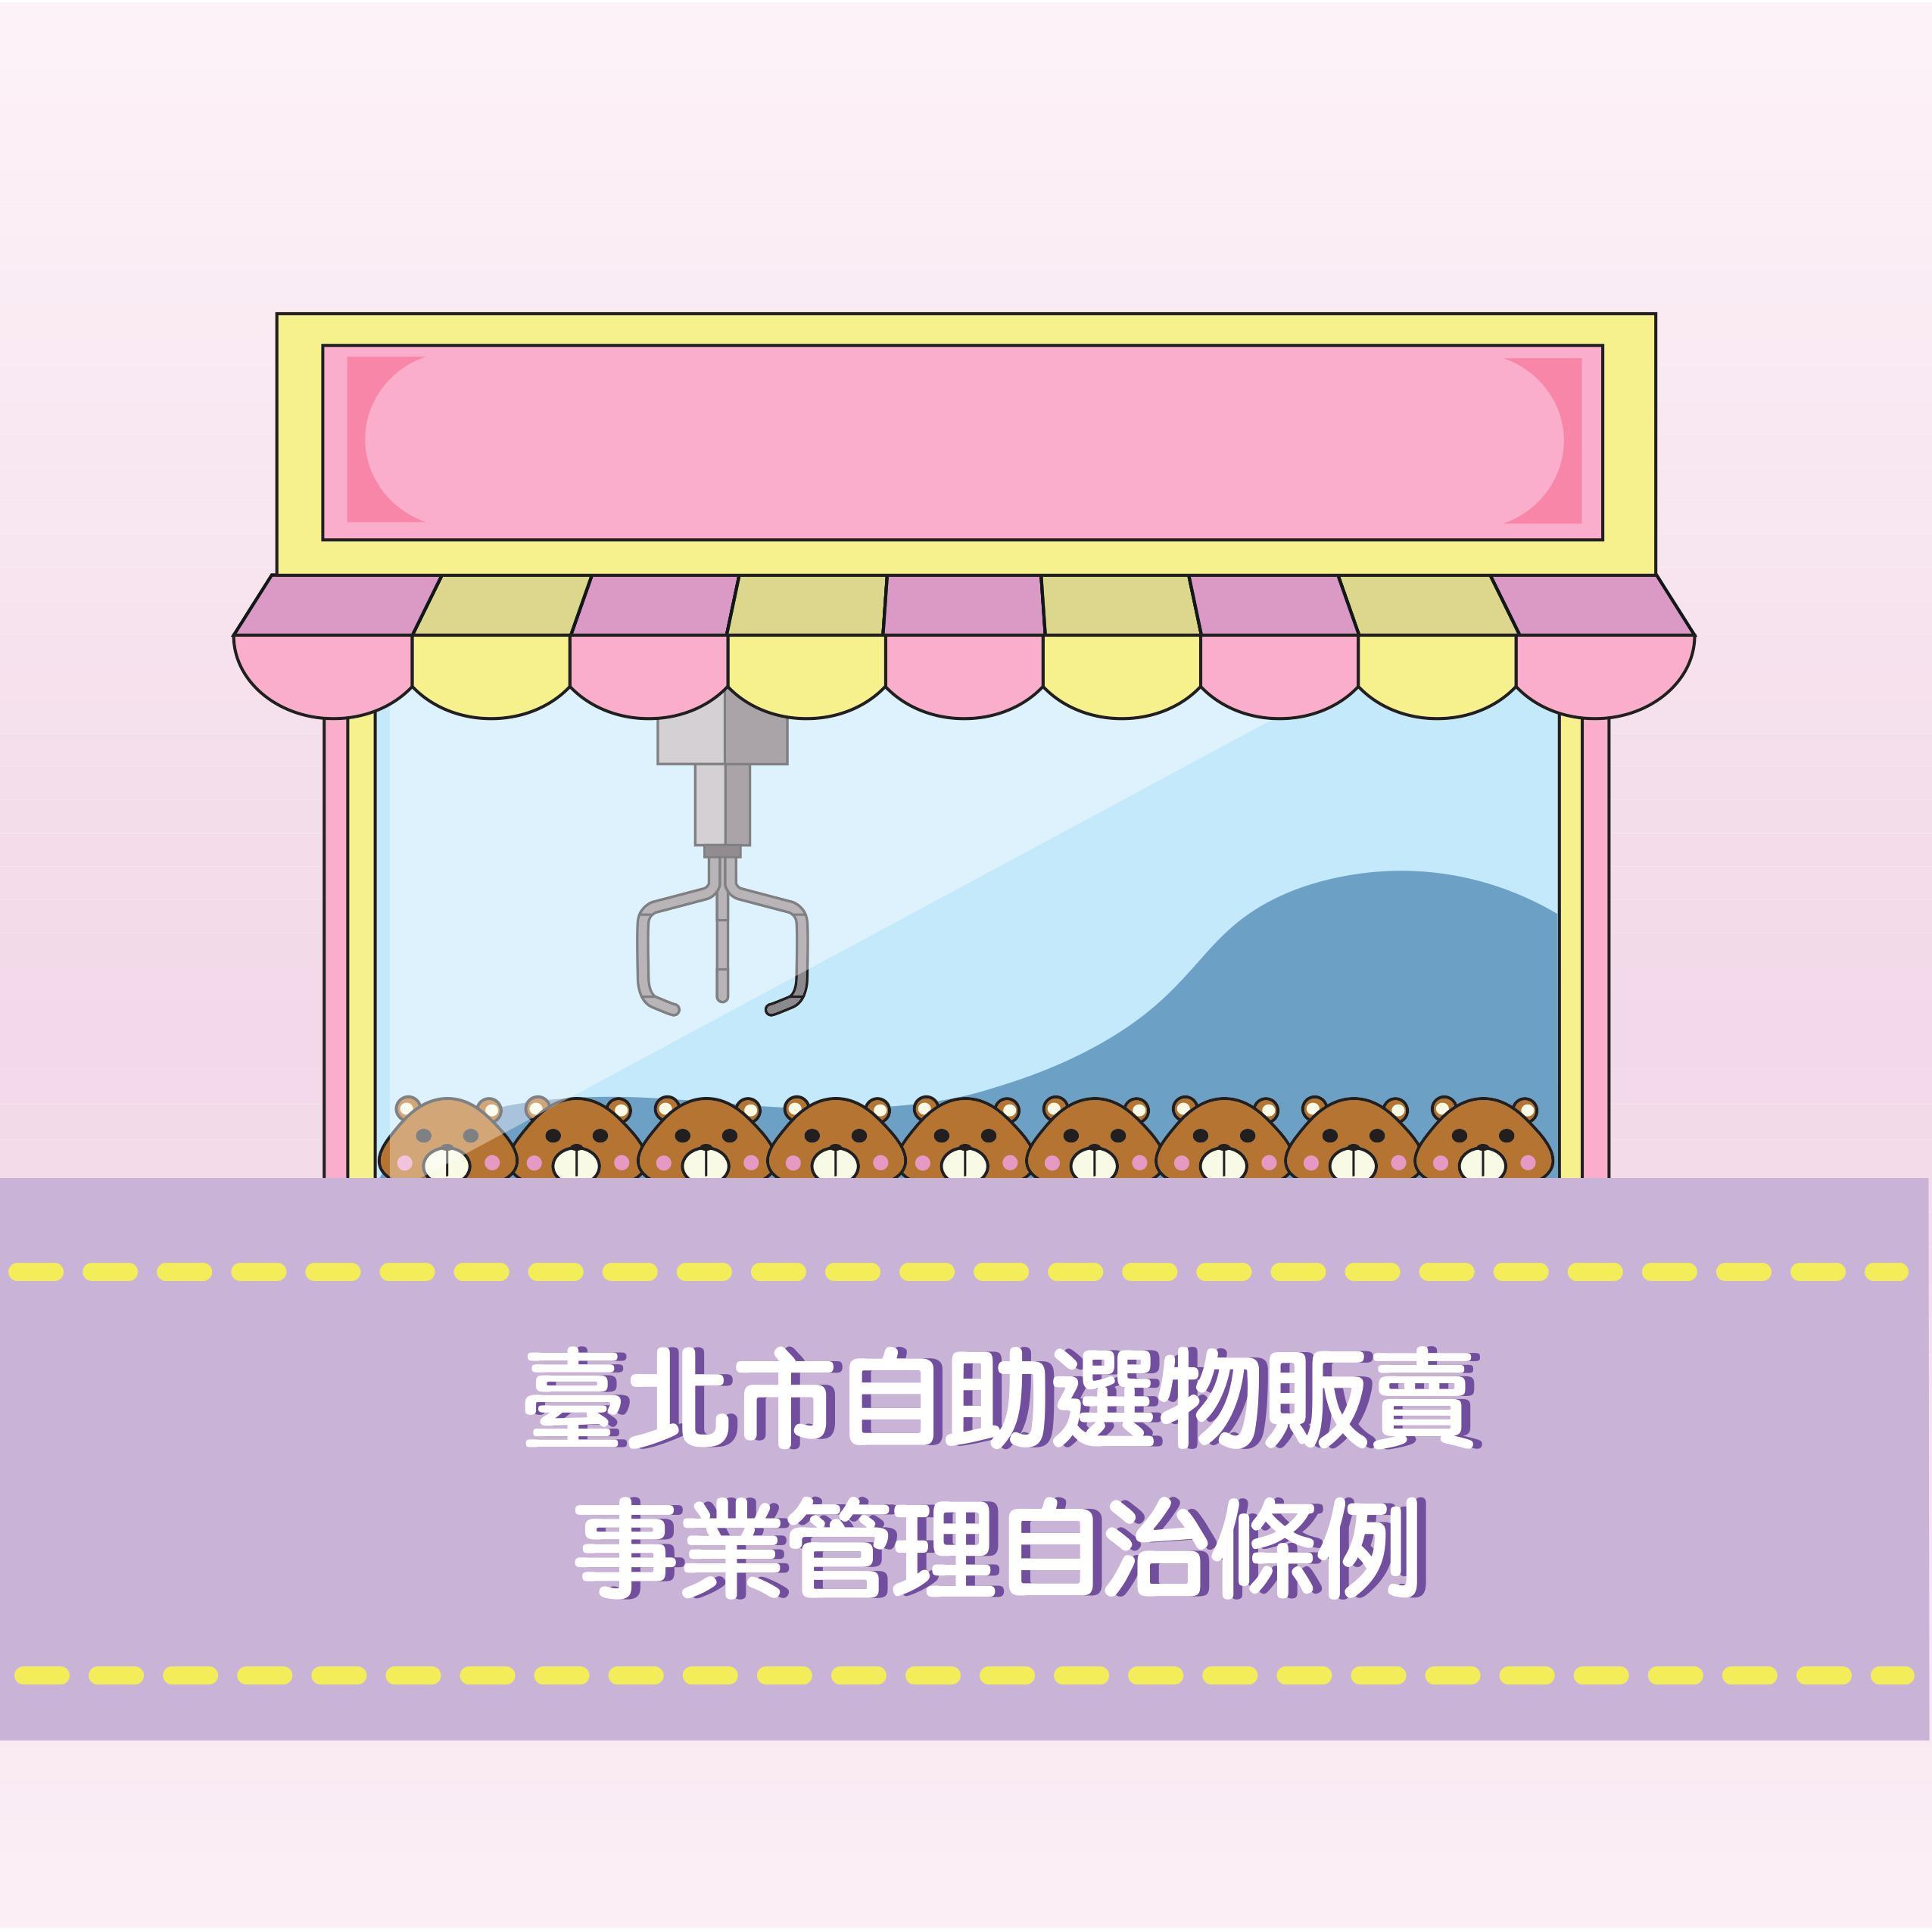 臺北市自助選物販賣事業管理自治條例連結